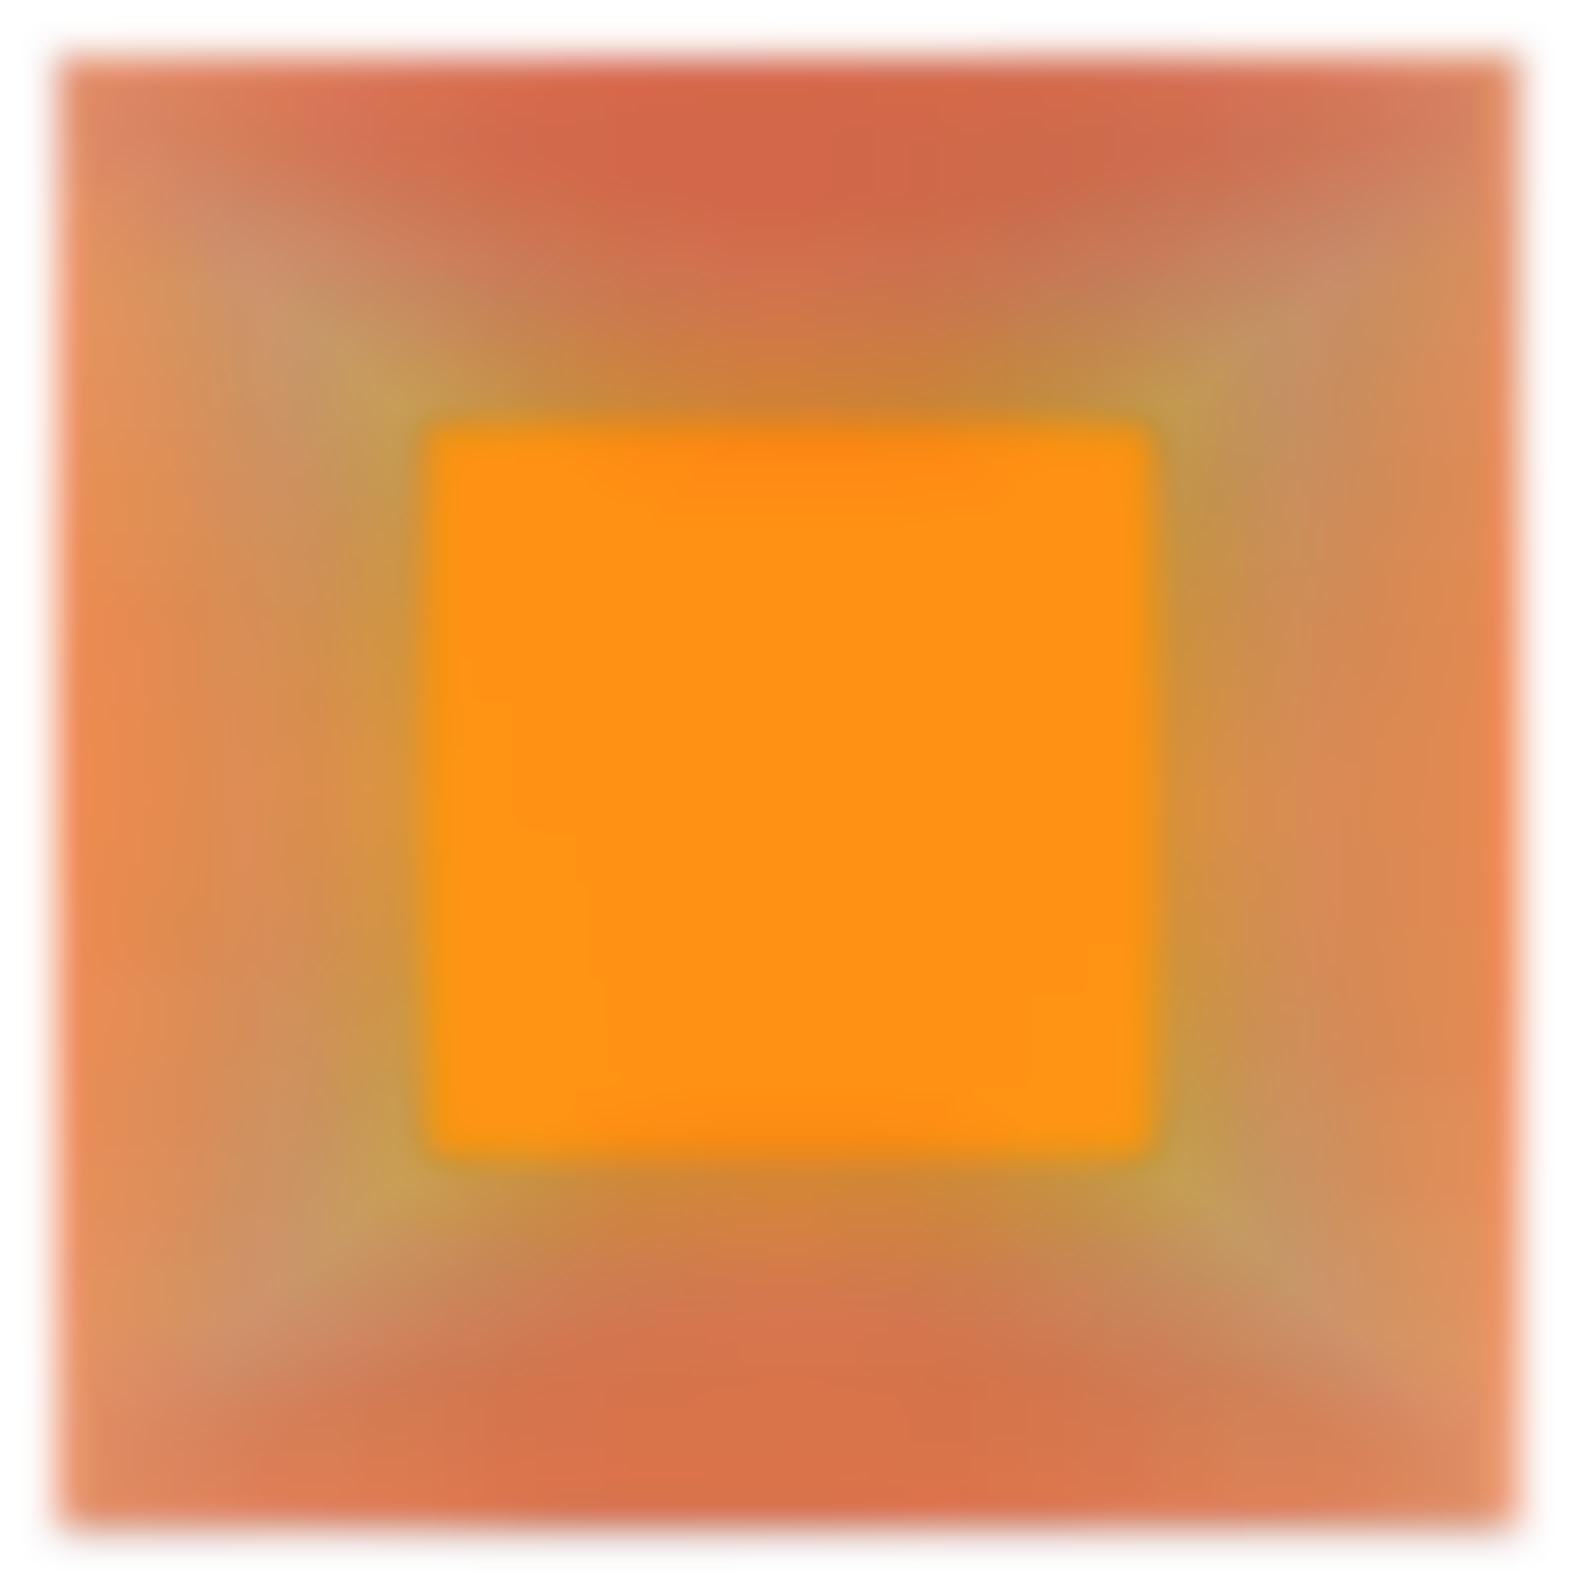 Richard Anuszkiewicz-Rainbow Squared Orange-1981